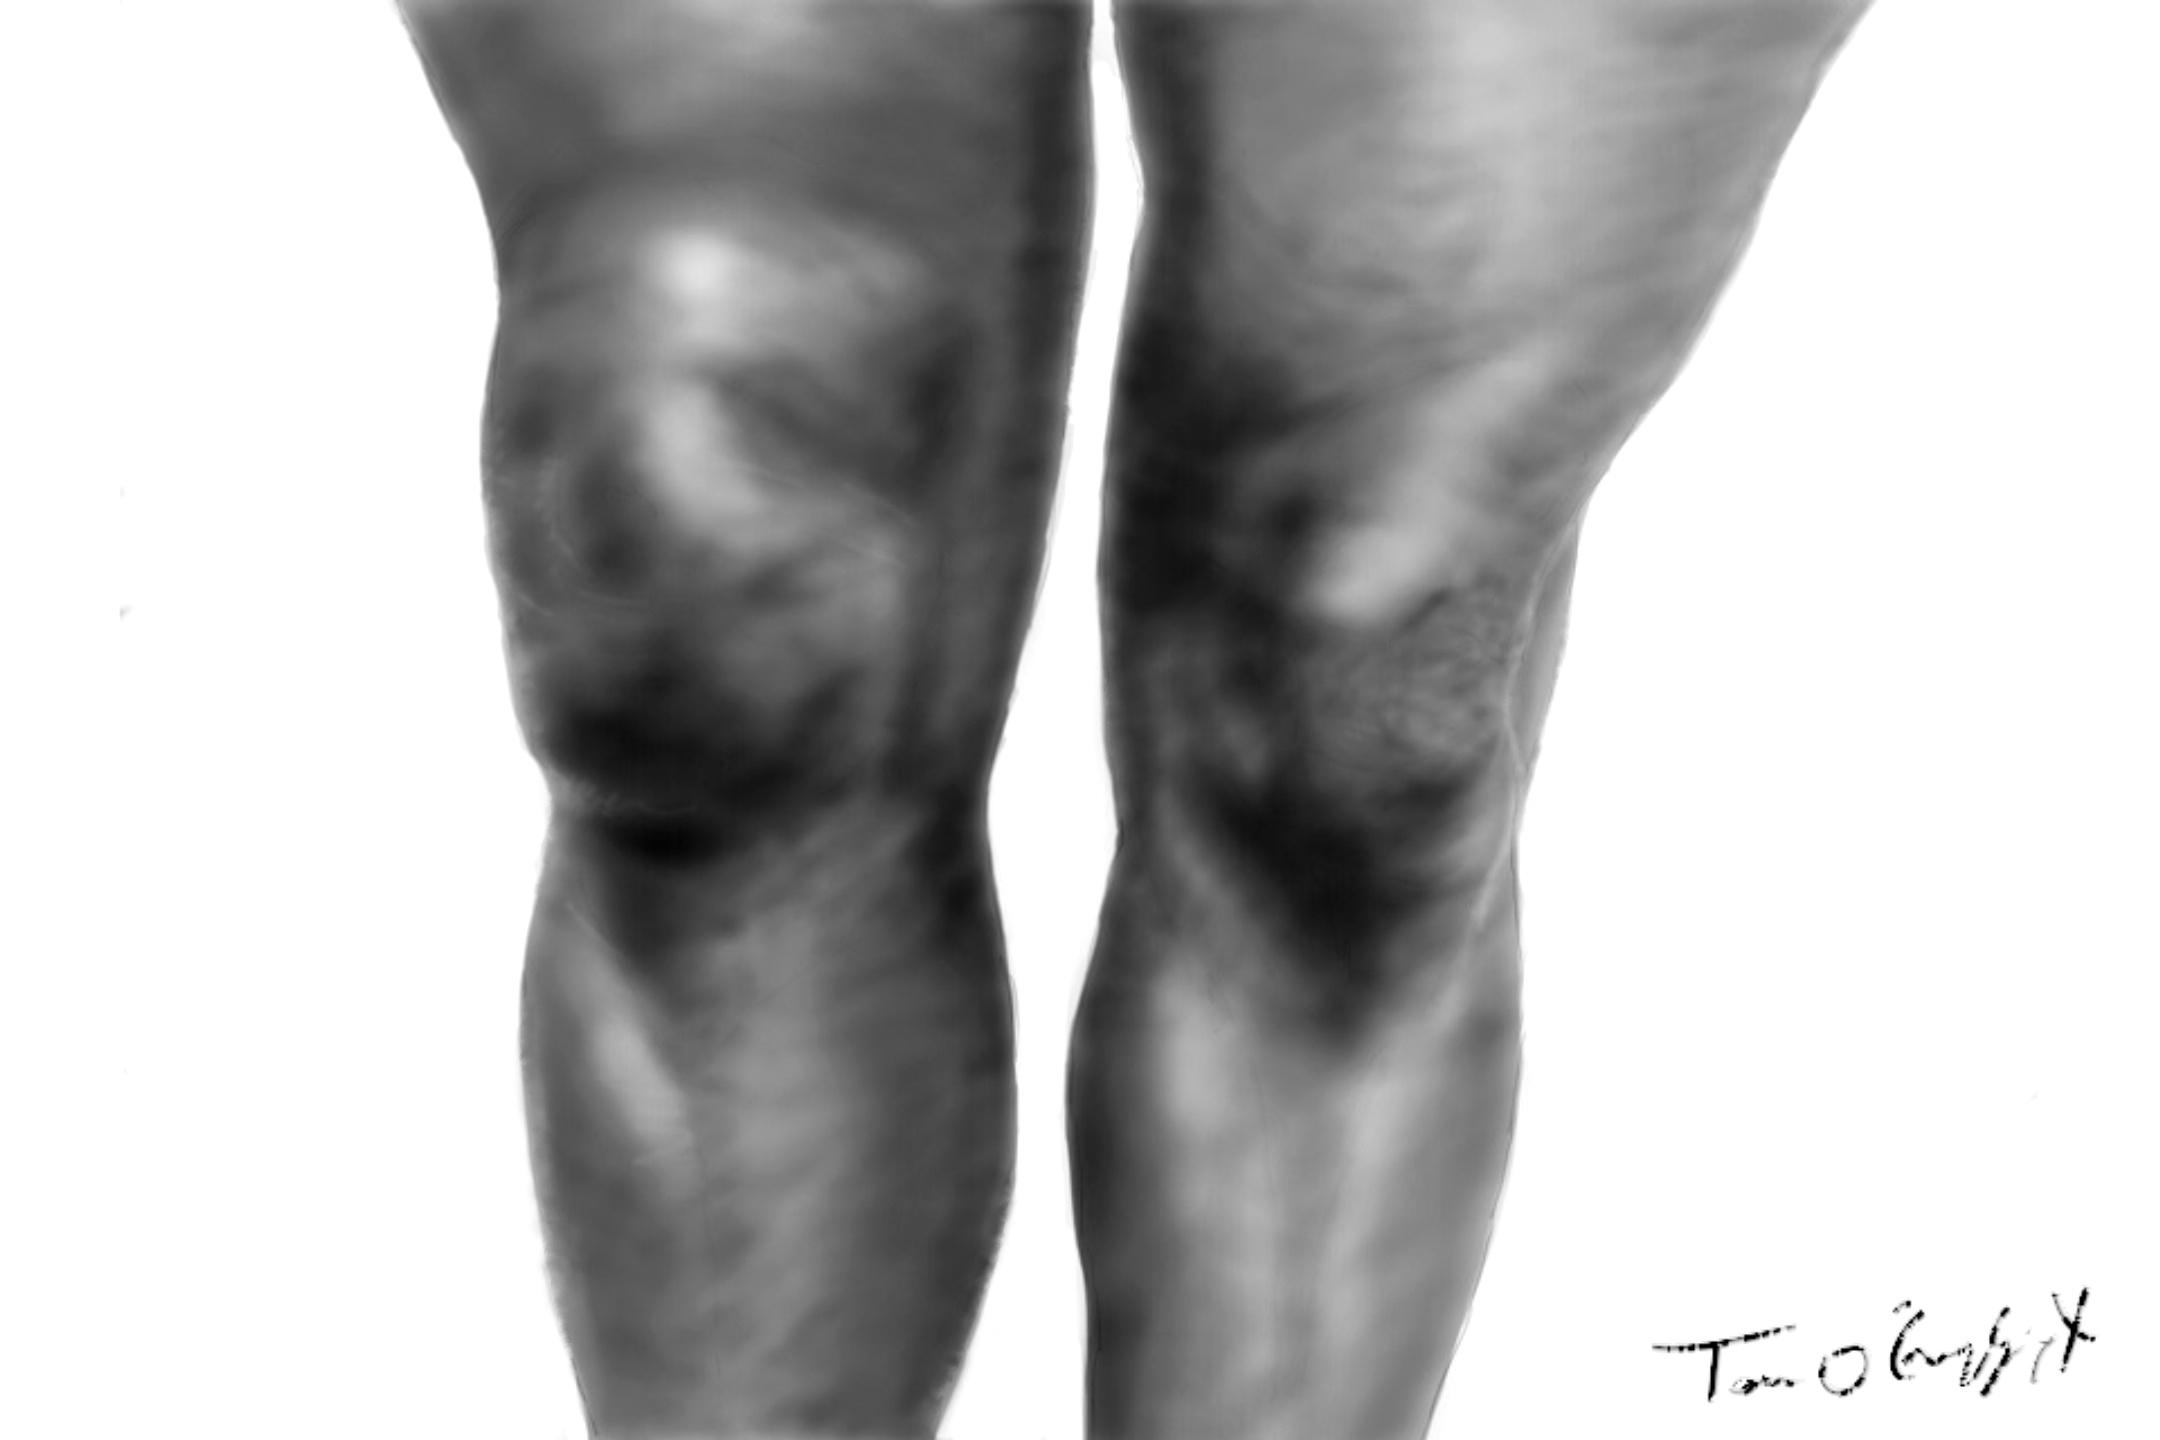 Epanchement de synovie et douleurs aux genoux